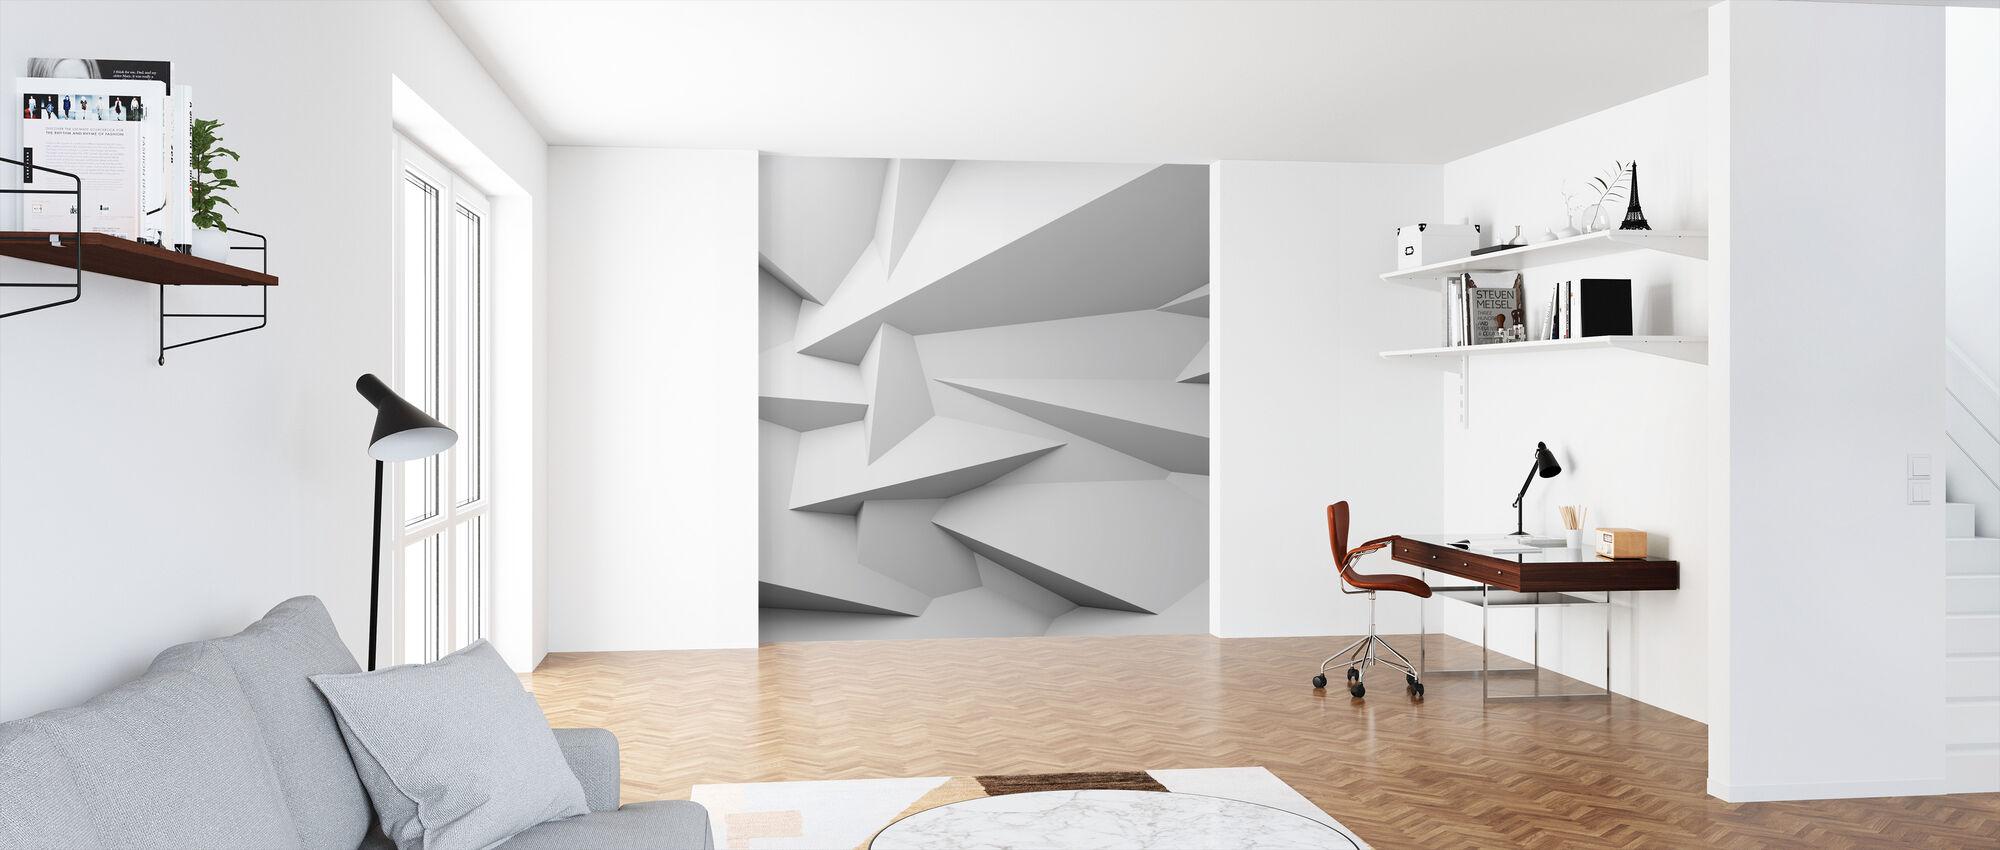 3D muur met facetten - Behang - Kantoor